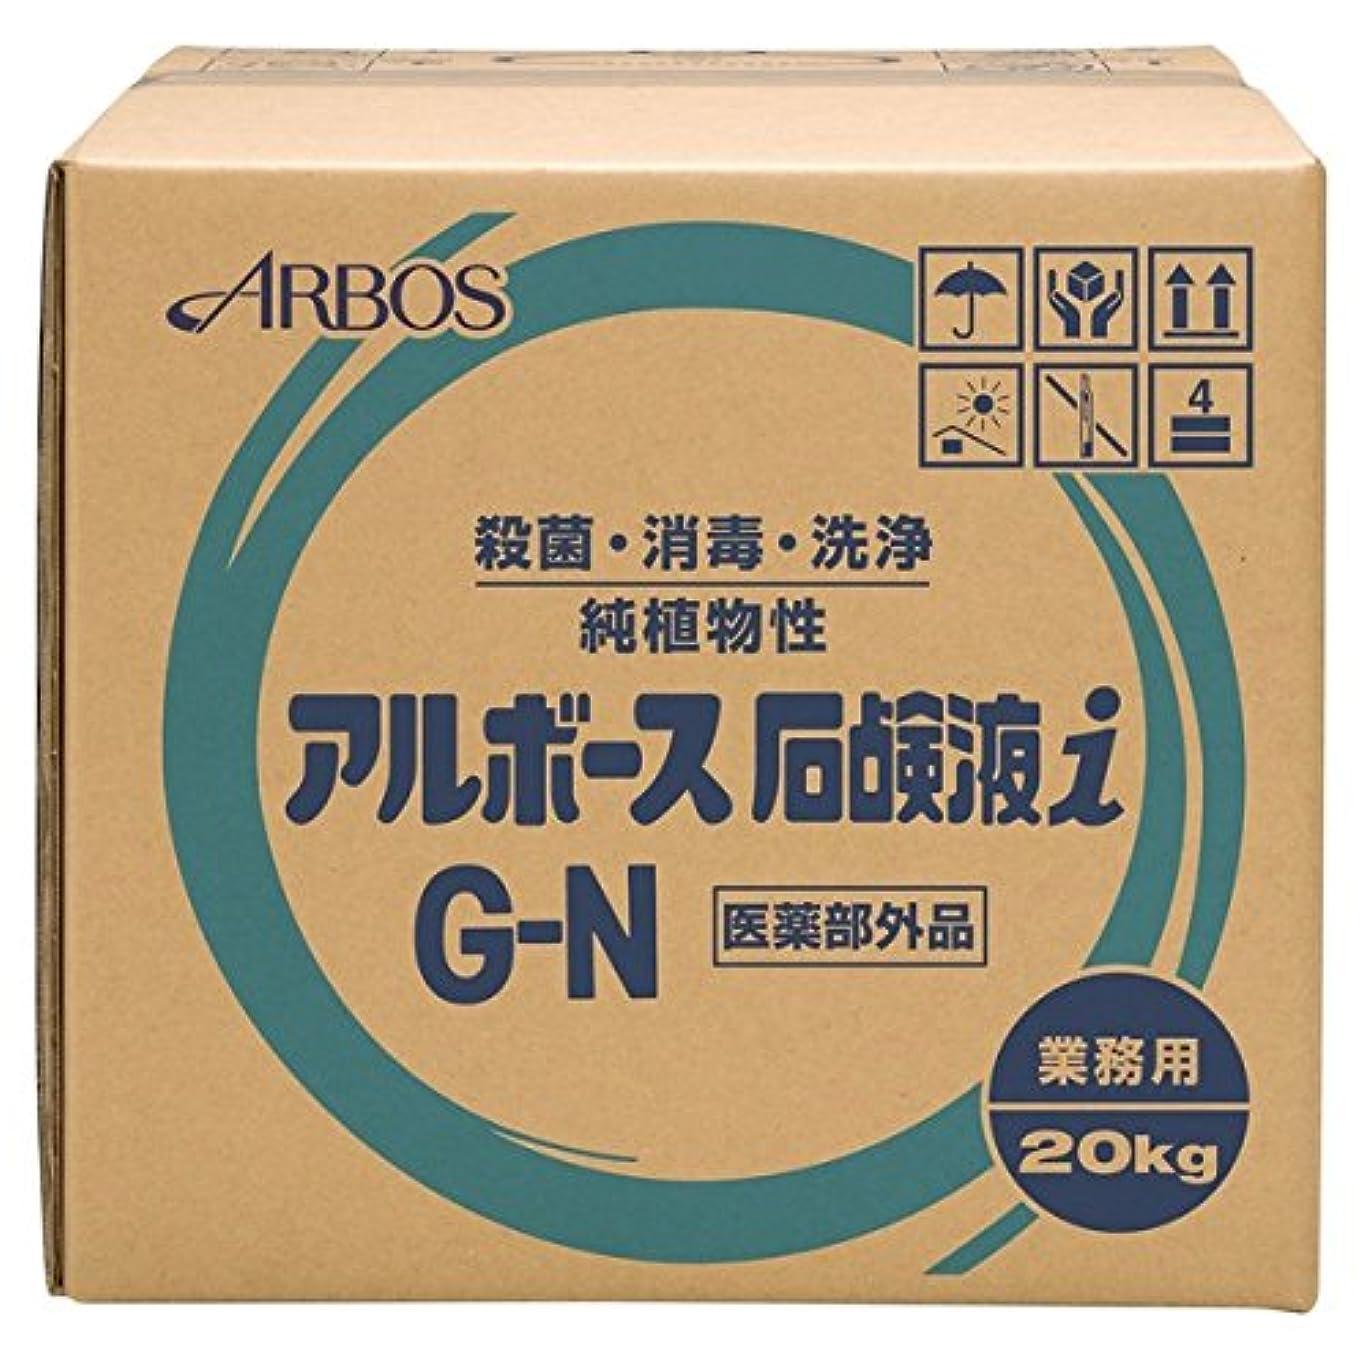 カプラーワイプ病弱アルボース 薬用ハンドソープ アルボース石鹸液i G-N 濃縮タイプ 20kg